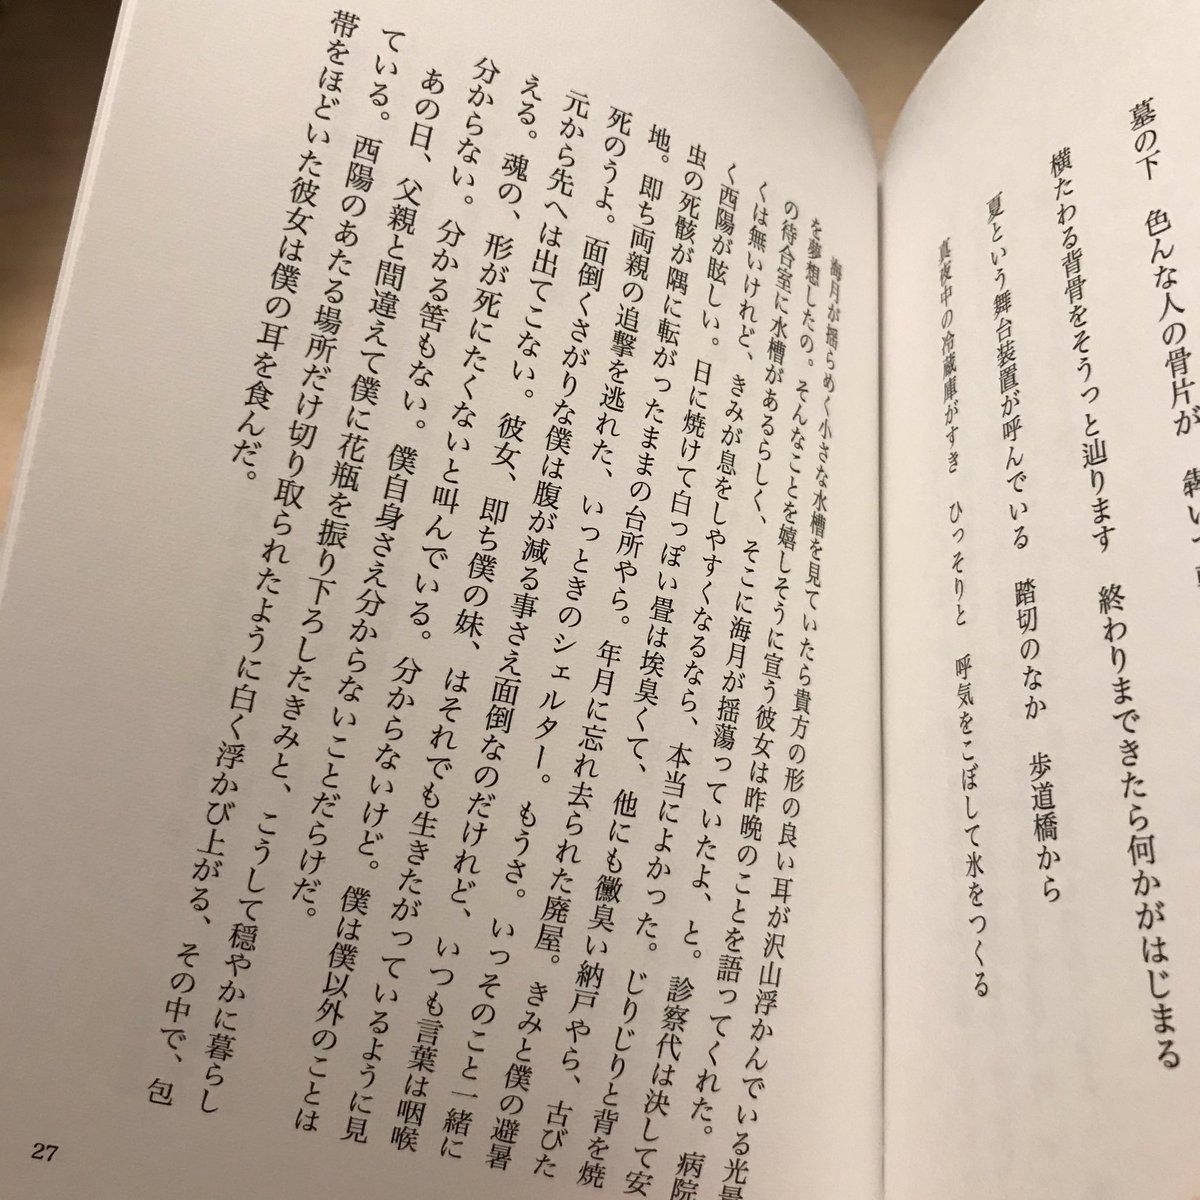 test ツイッターメディア - san24さん( @san24_info )のワンコインBOOK(オプションで二冊)本日届きました🎉早い!すごい!36ページの文庫かわいいよ〜!中身こんな感じです。表紙マットポスト180 本文上質紙90 無線綴じ、本文モノクロ。 背幅は2.08ミリ。 ちゃんと死に損なってるフォントだ🎉 https://t.co/QRy4ys3EZB